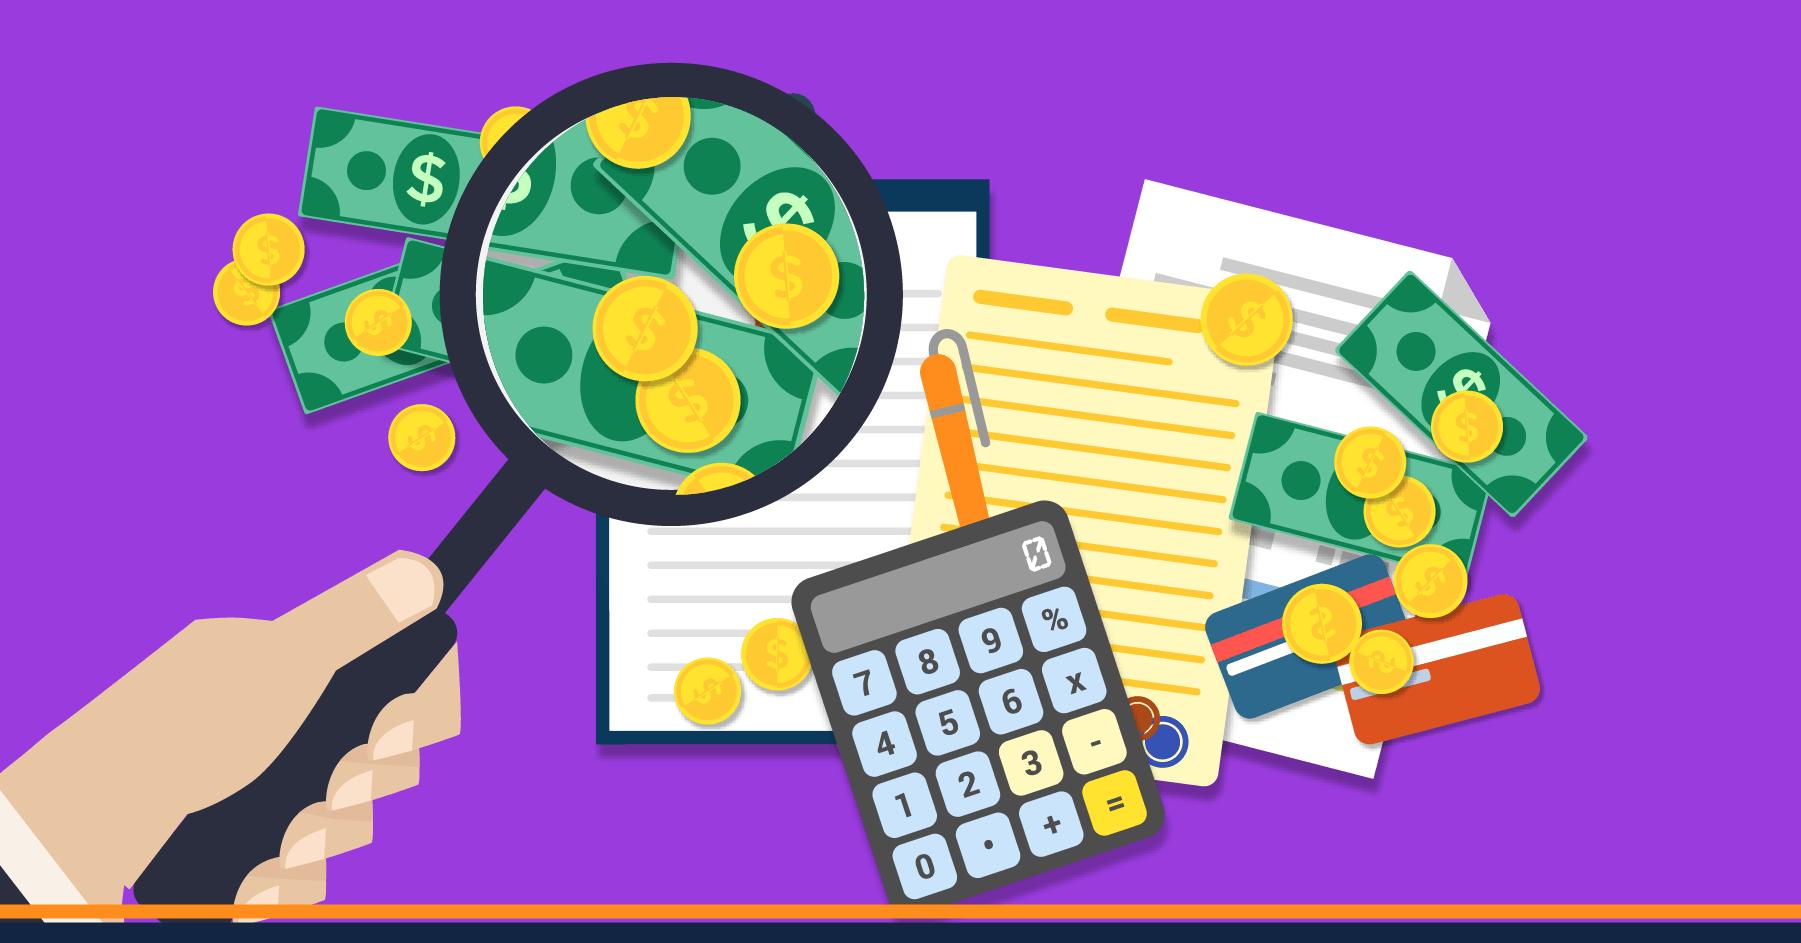 ¿Por qué los inversionistas verán tu contabilidad antes de invertir?